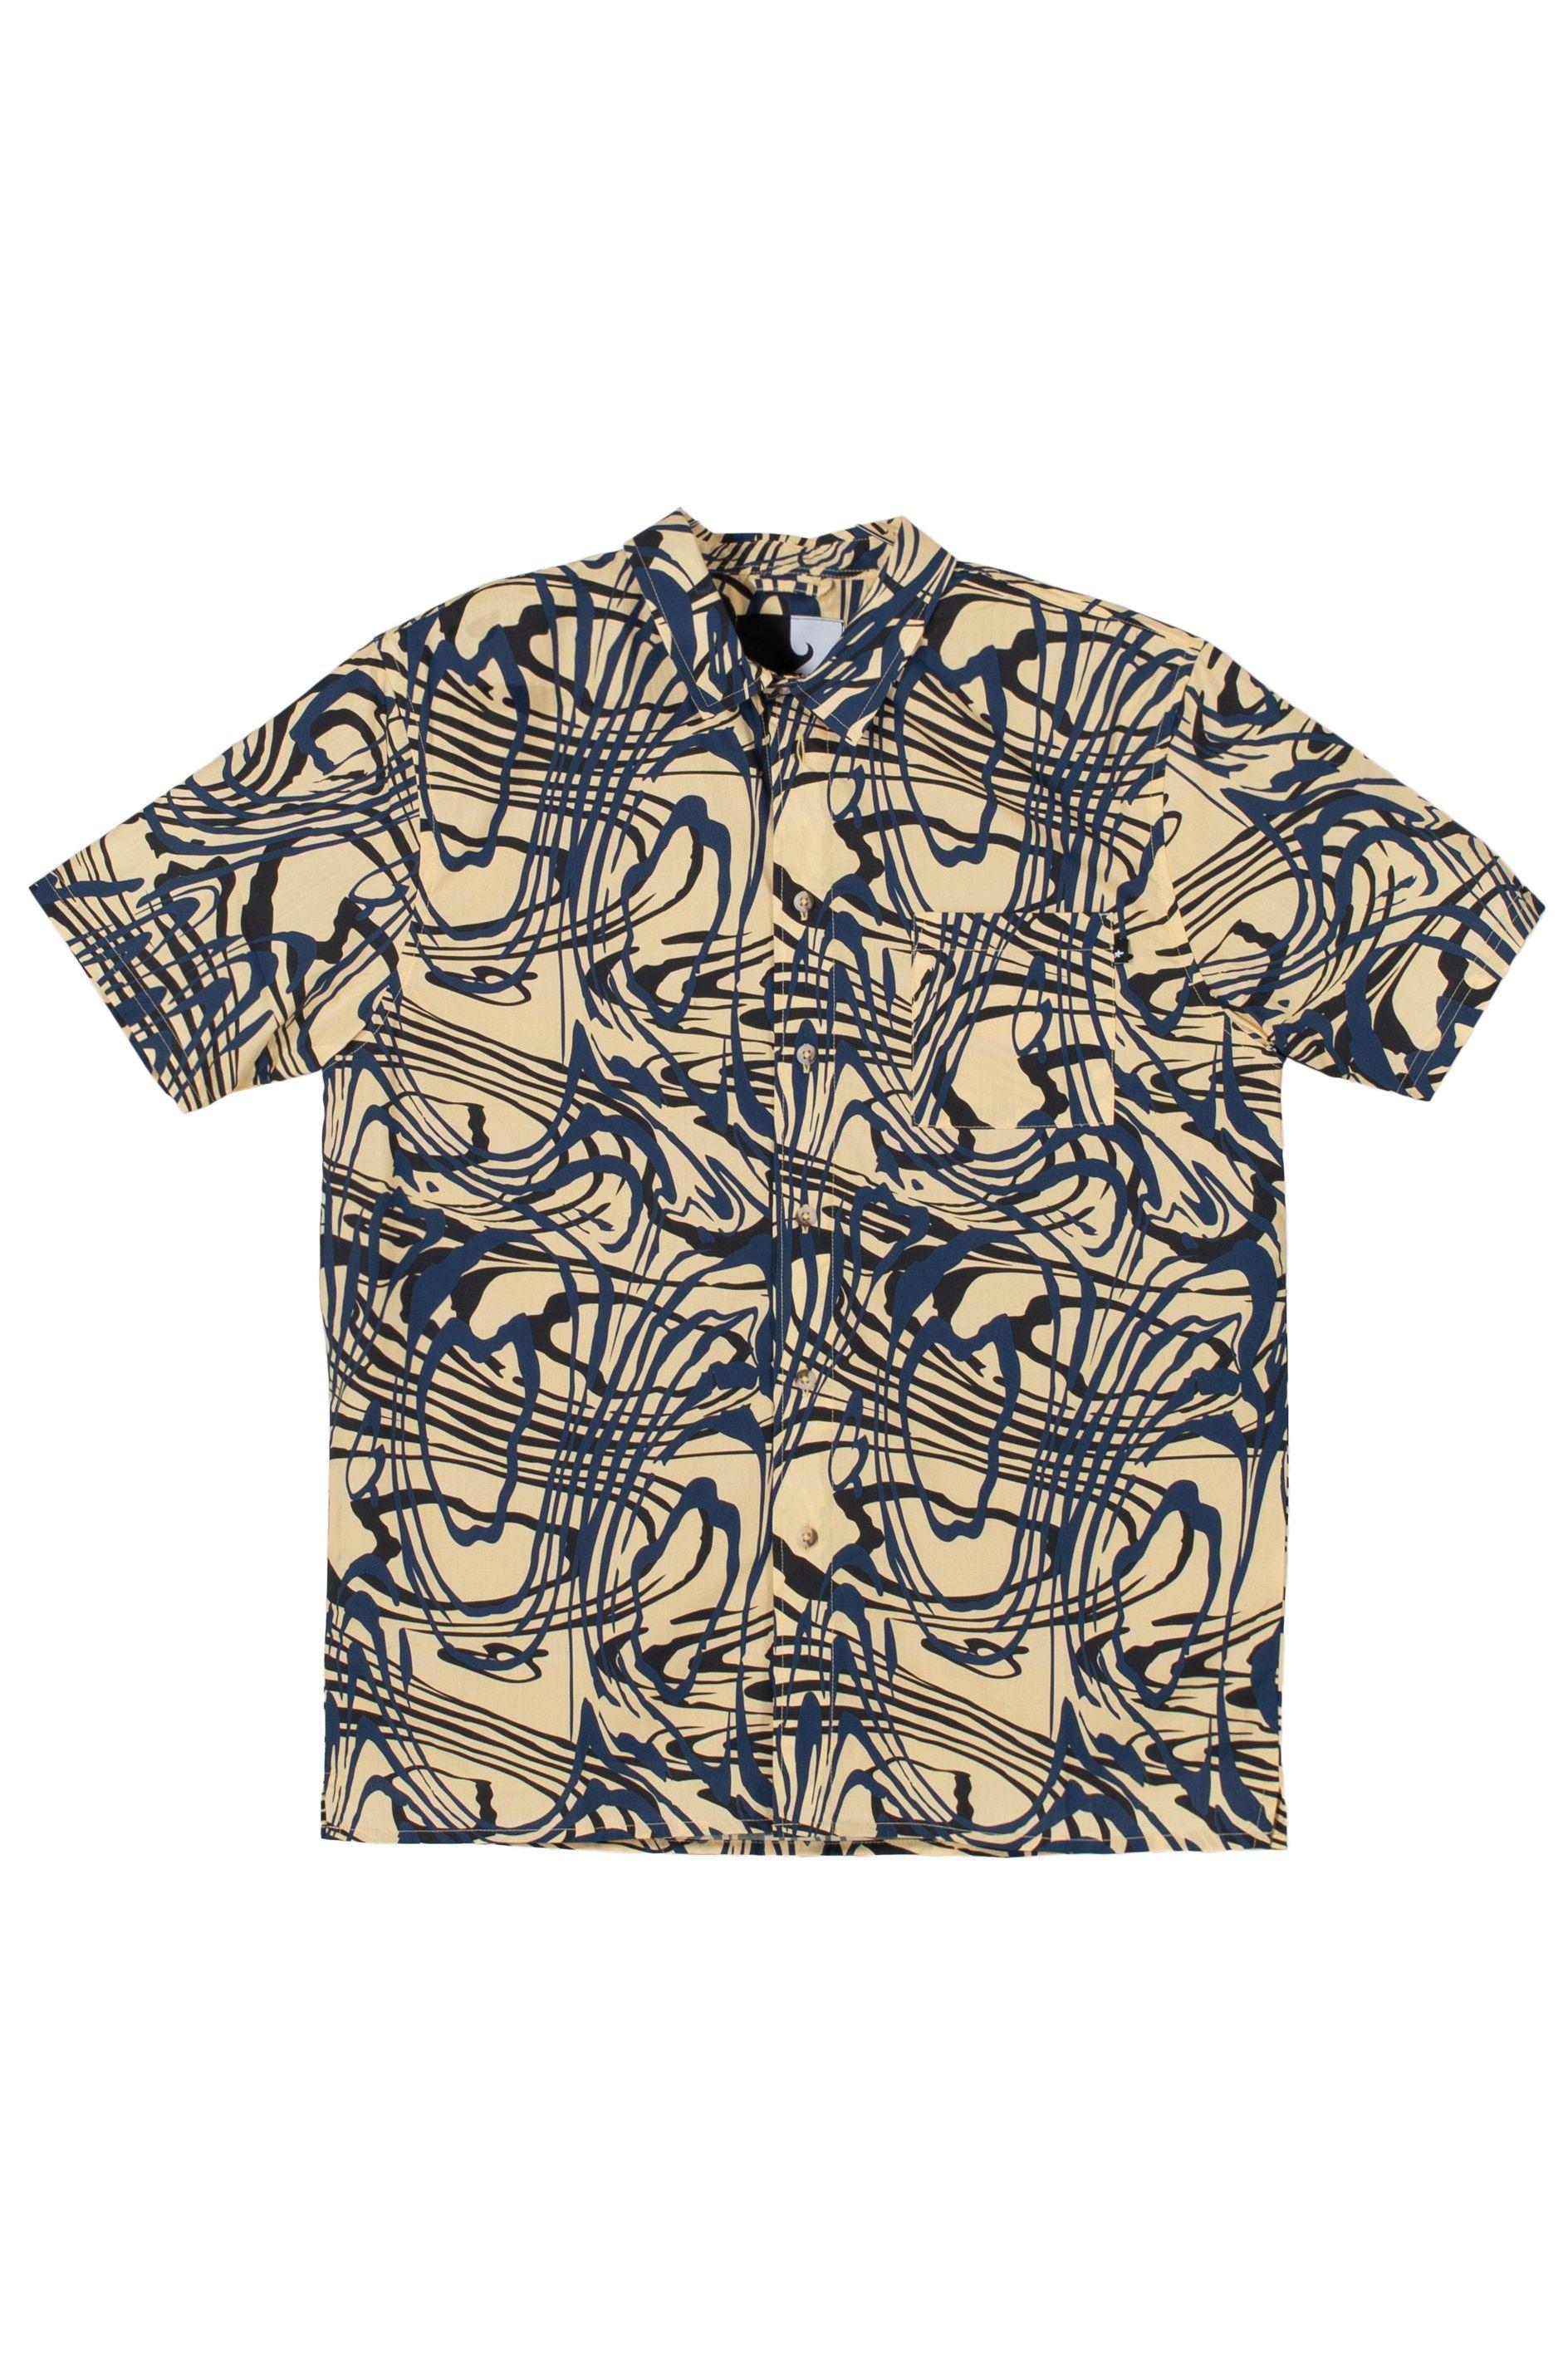 Pukas Shirt S/S SHIRT UNDERWATER Underwater